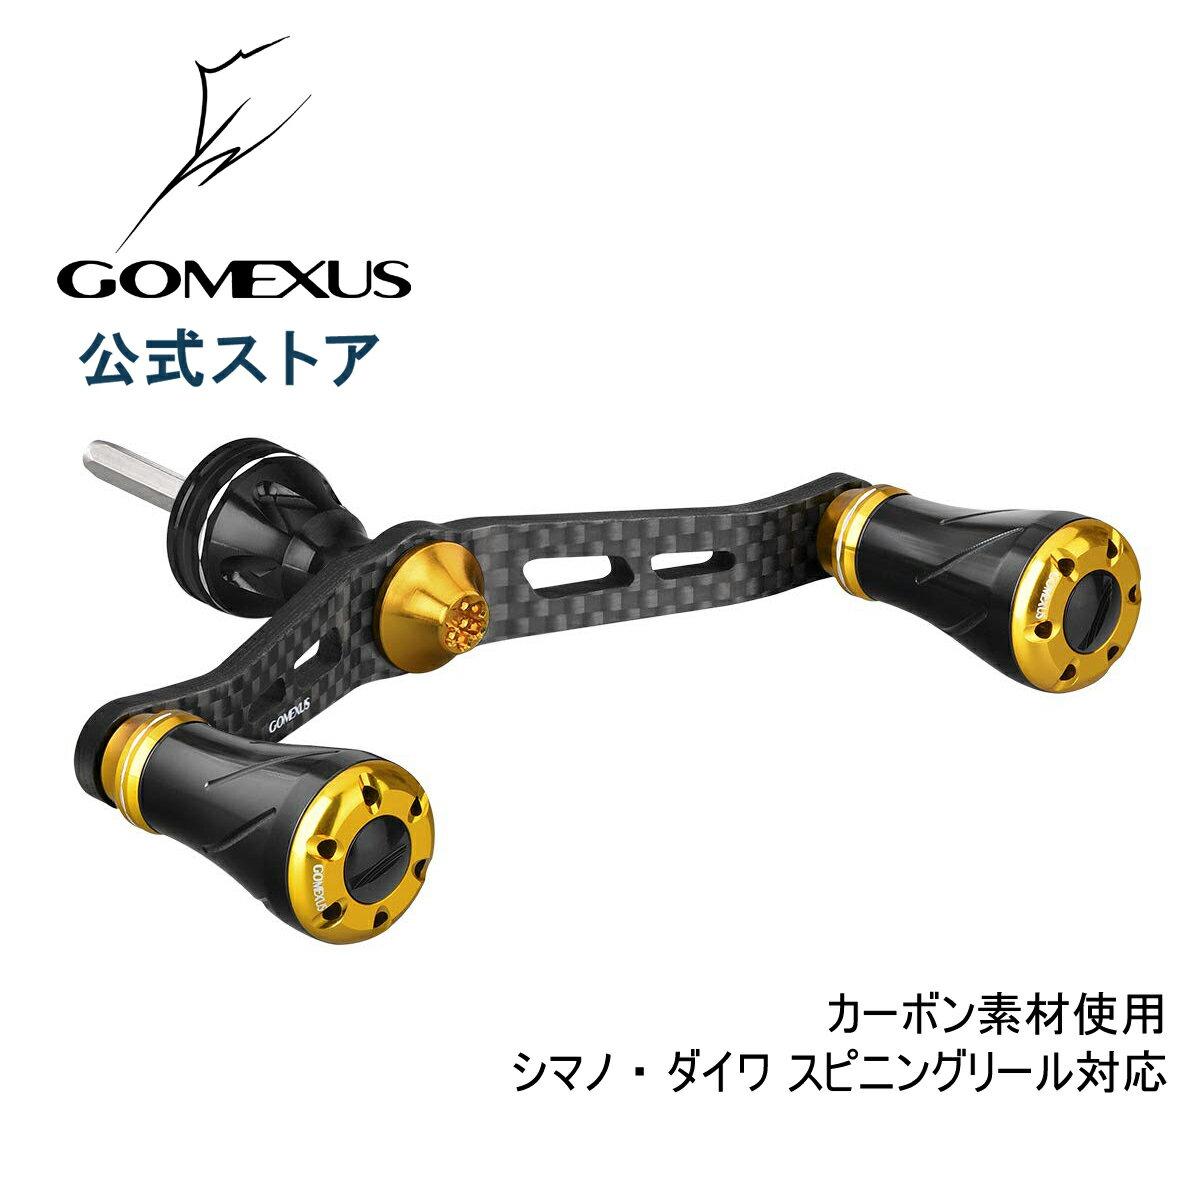 フィッシング, リールパーツ  98mm 72mm Shimano Daiwa Gomexus